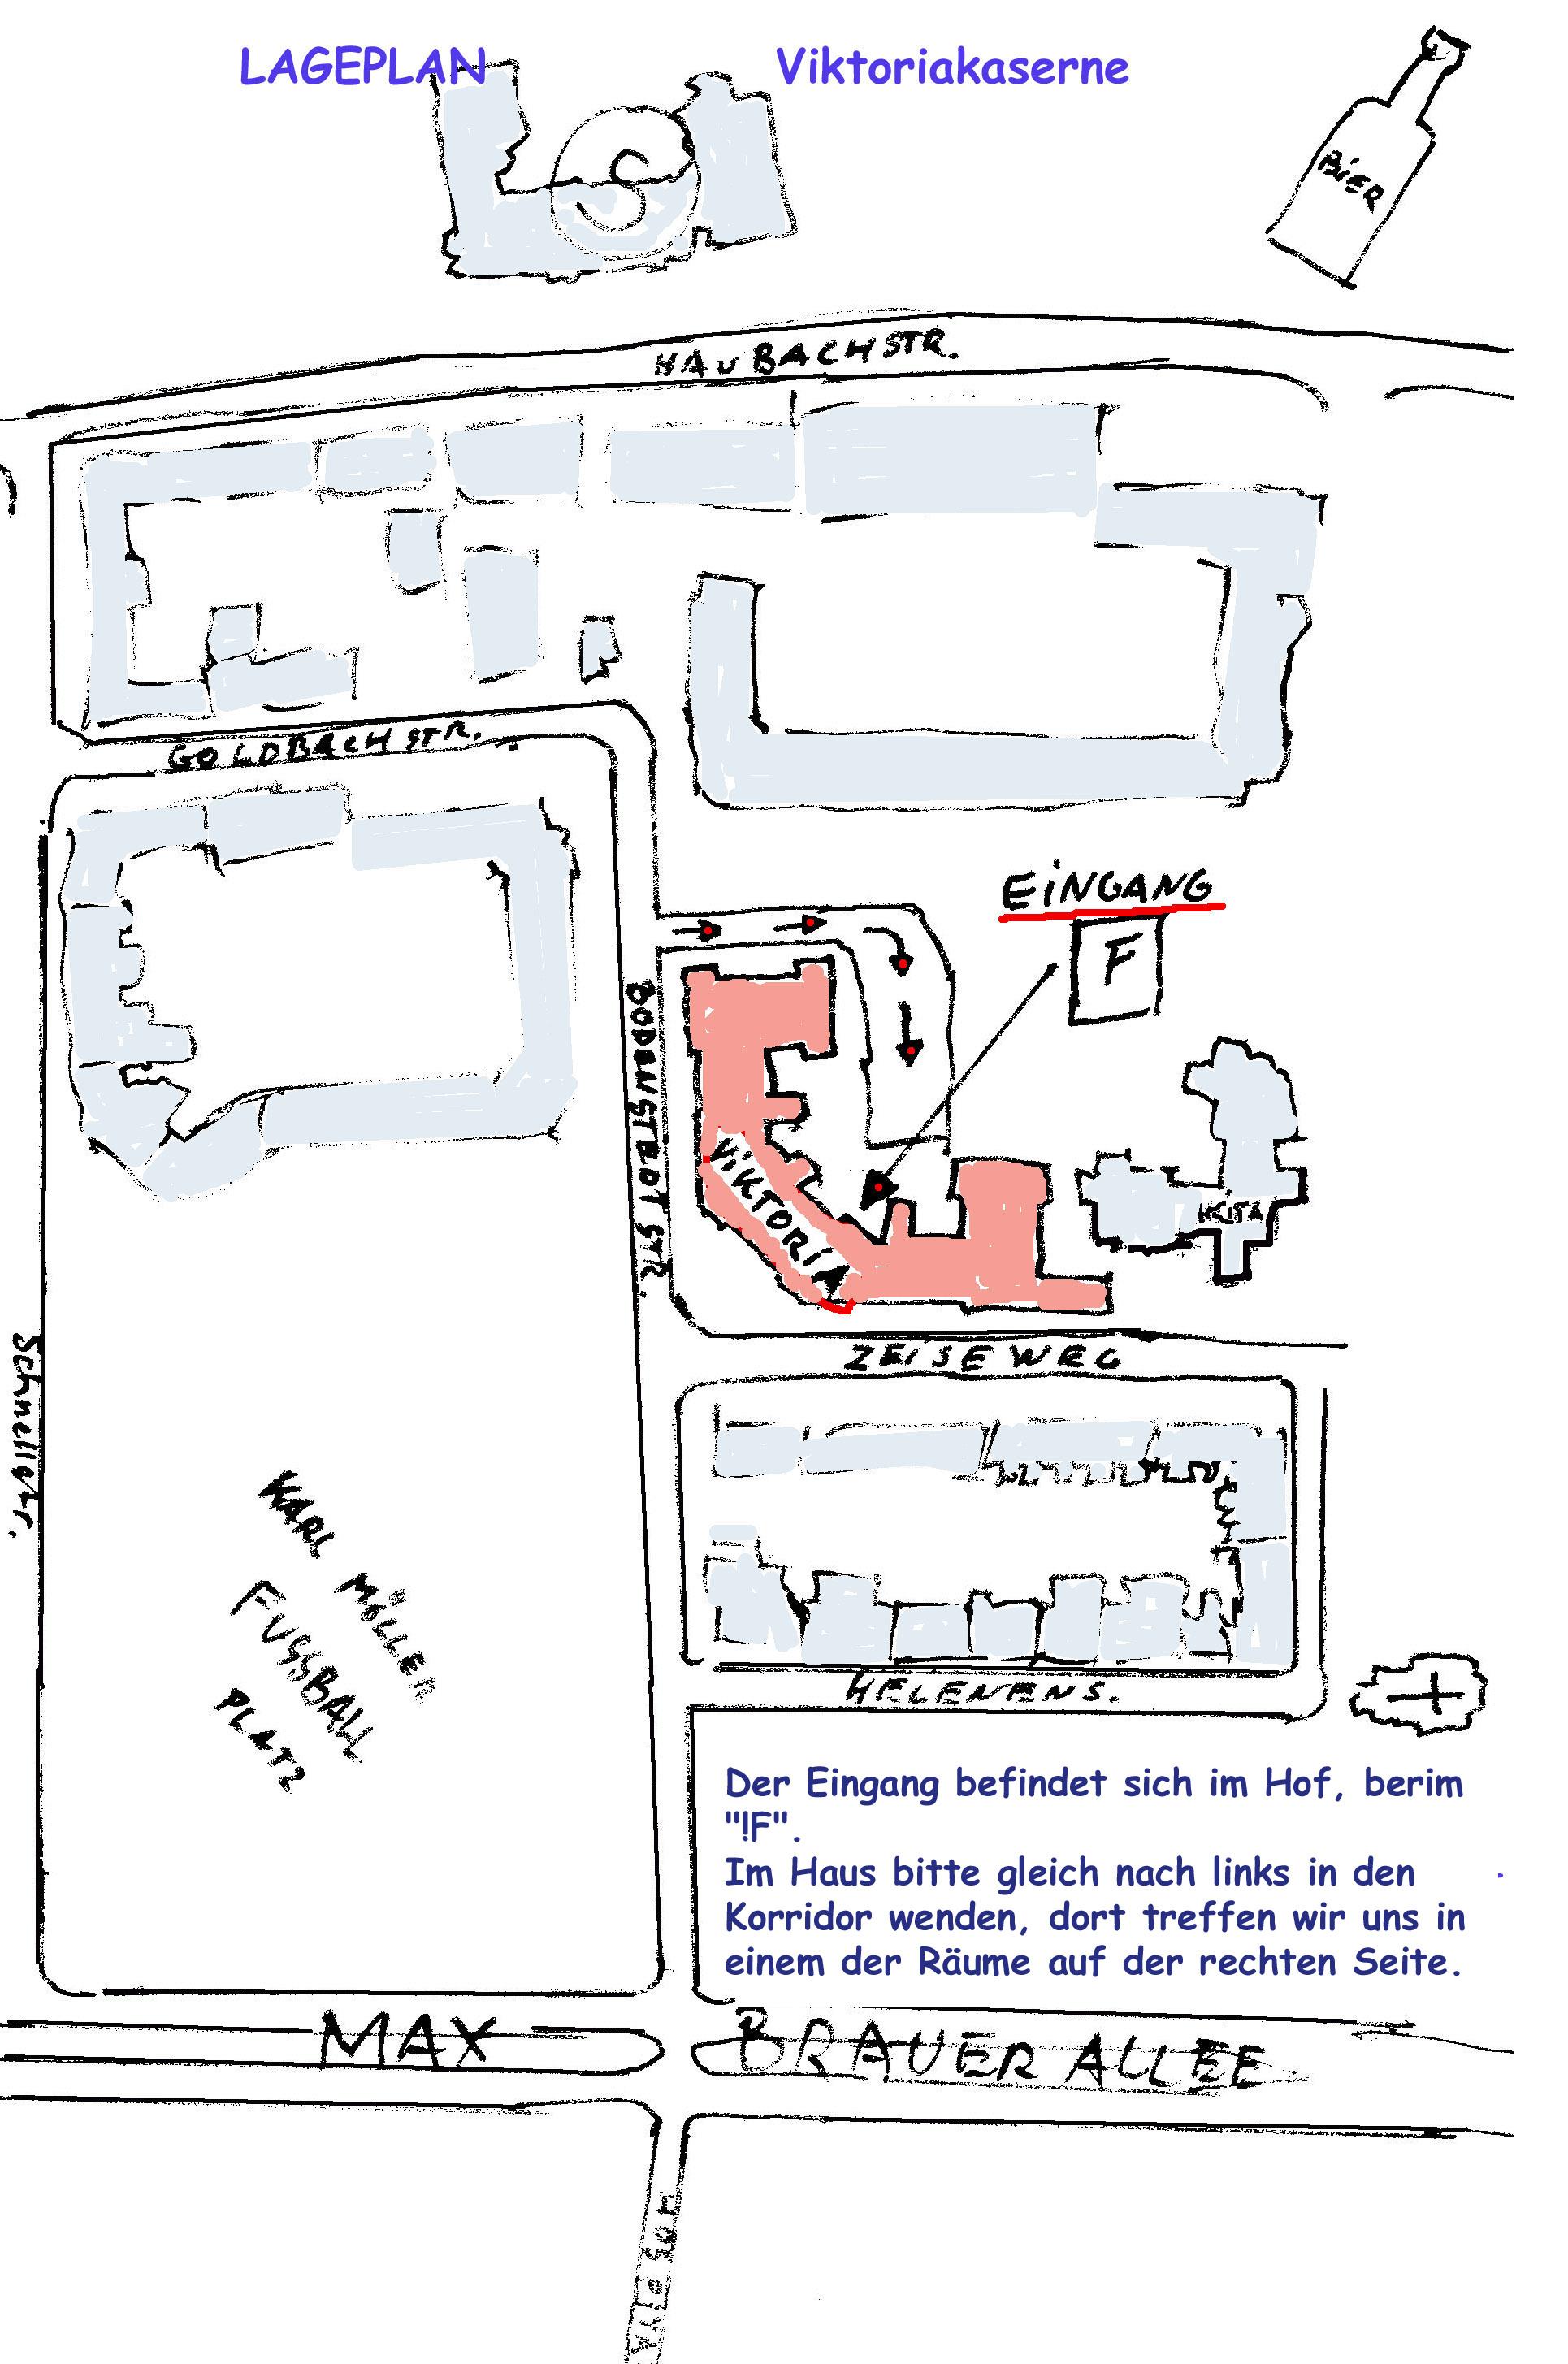 Lageplan der Viktoria-Kaserne